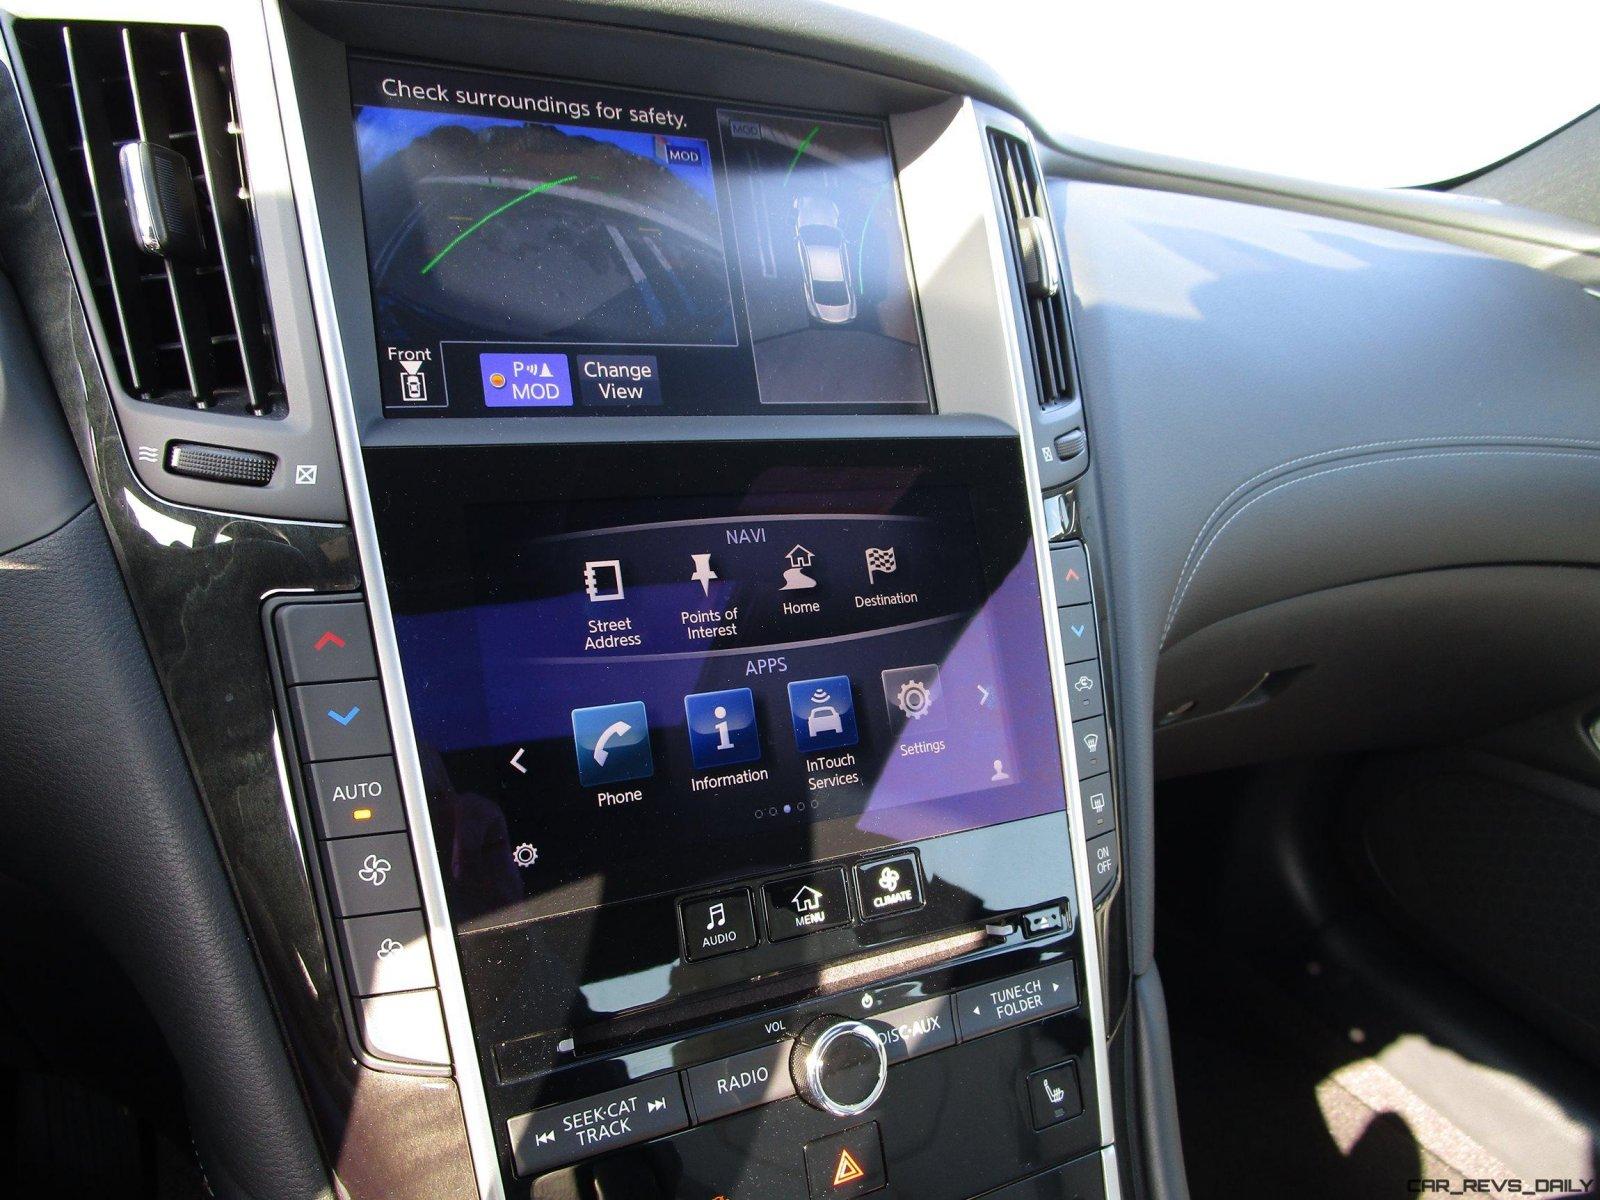 2017 Infiniti Q60 Premium Interior 9